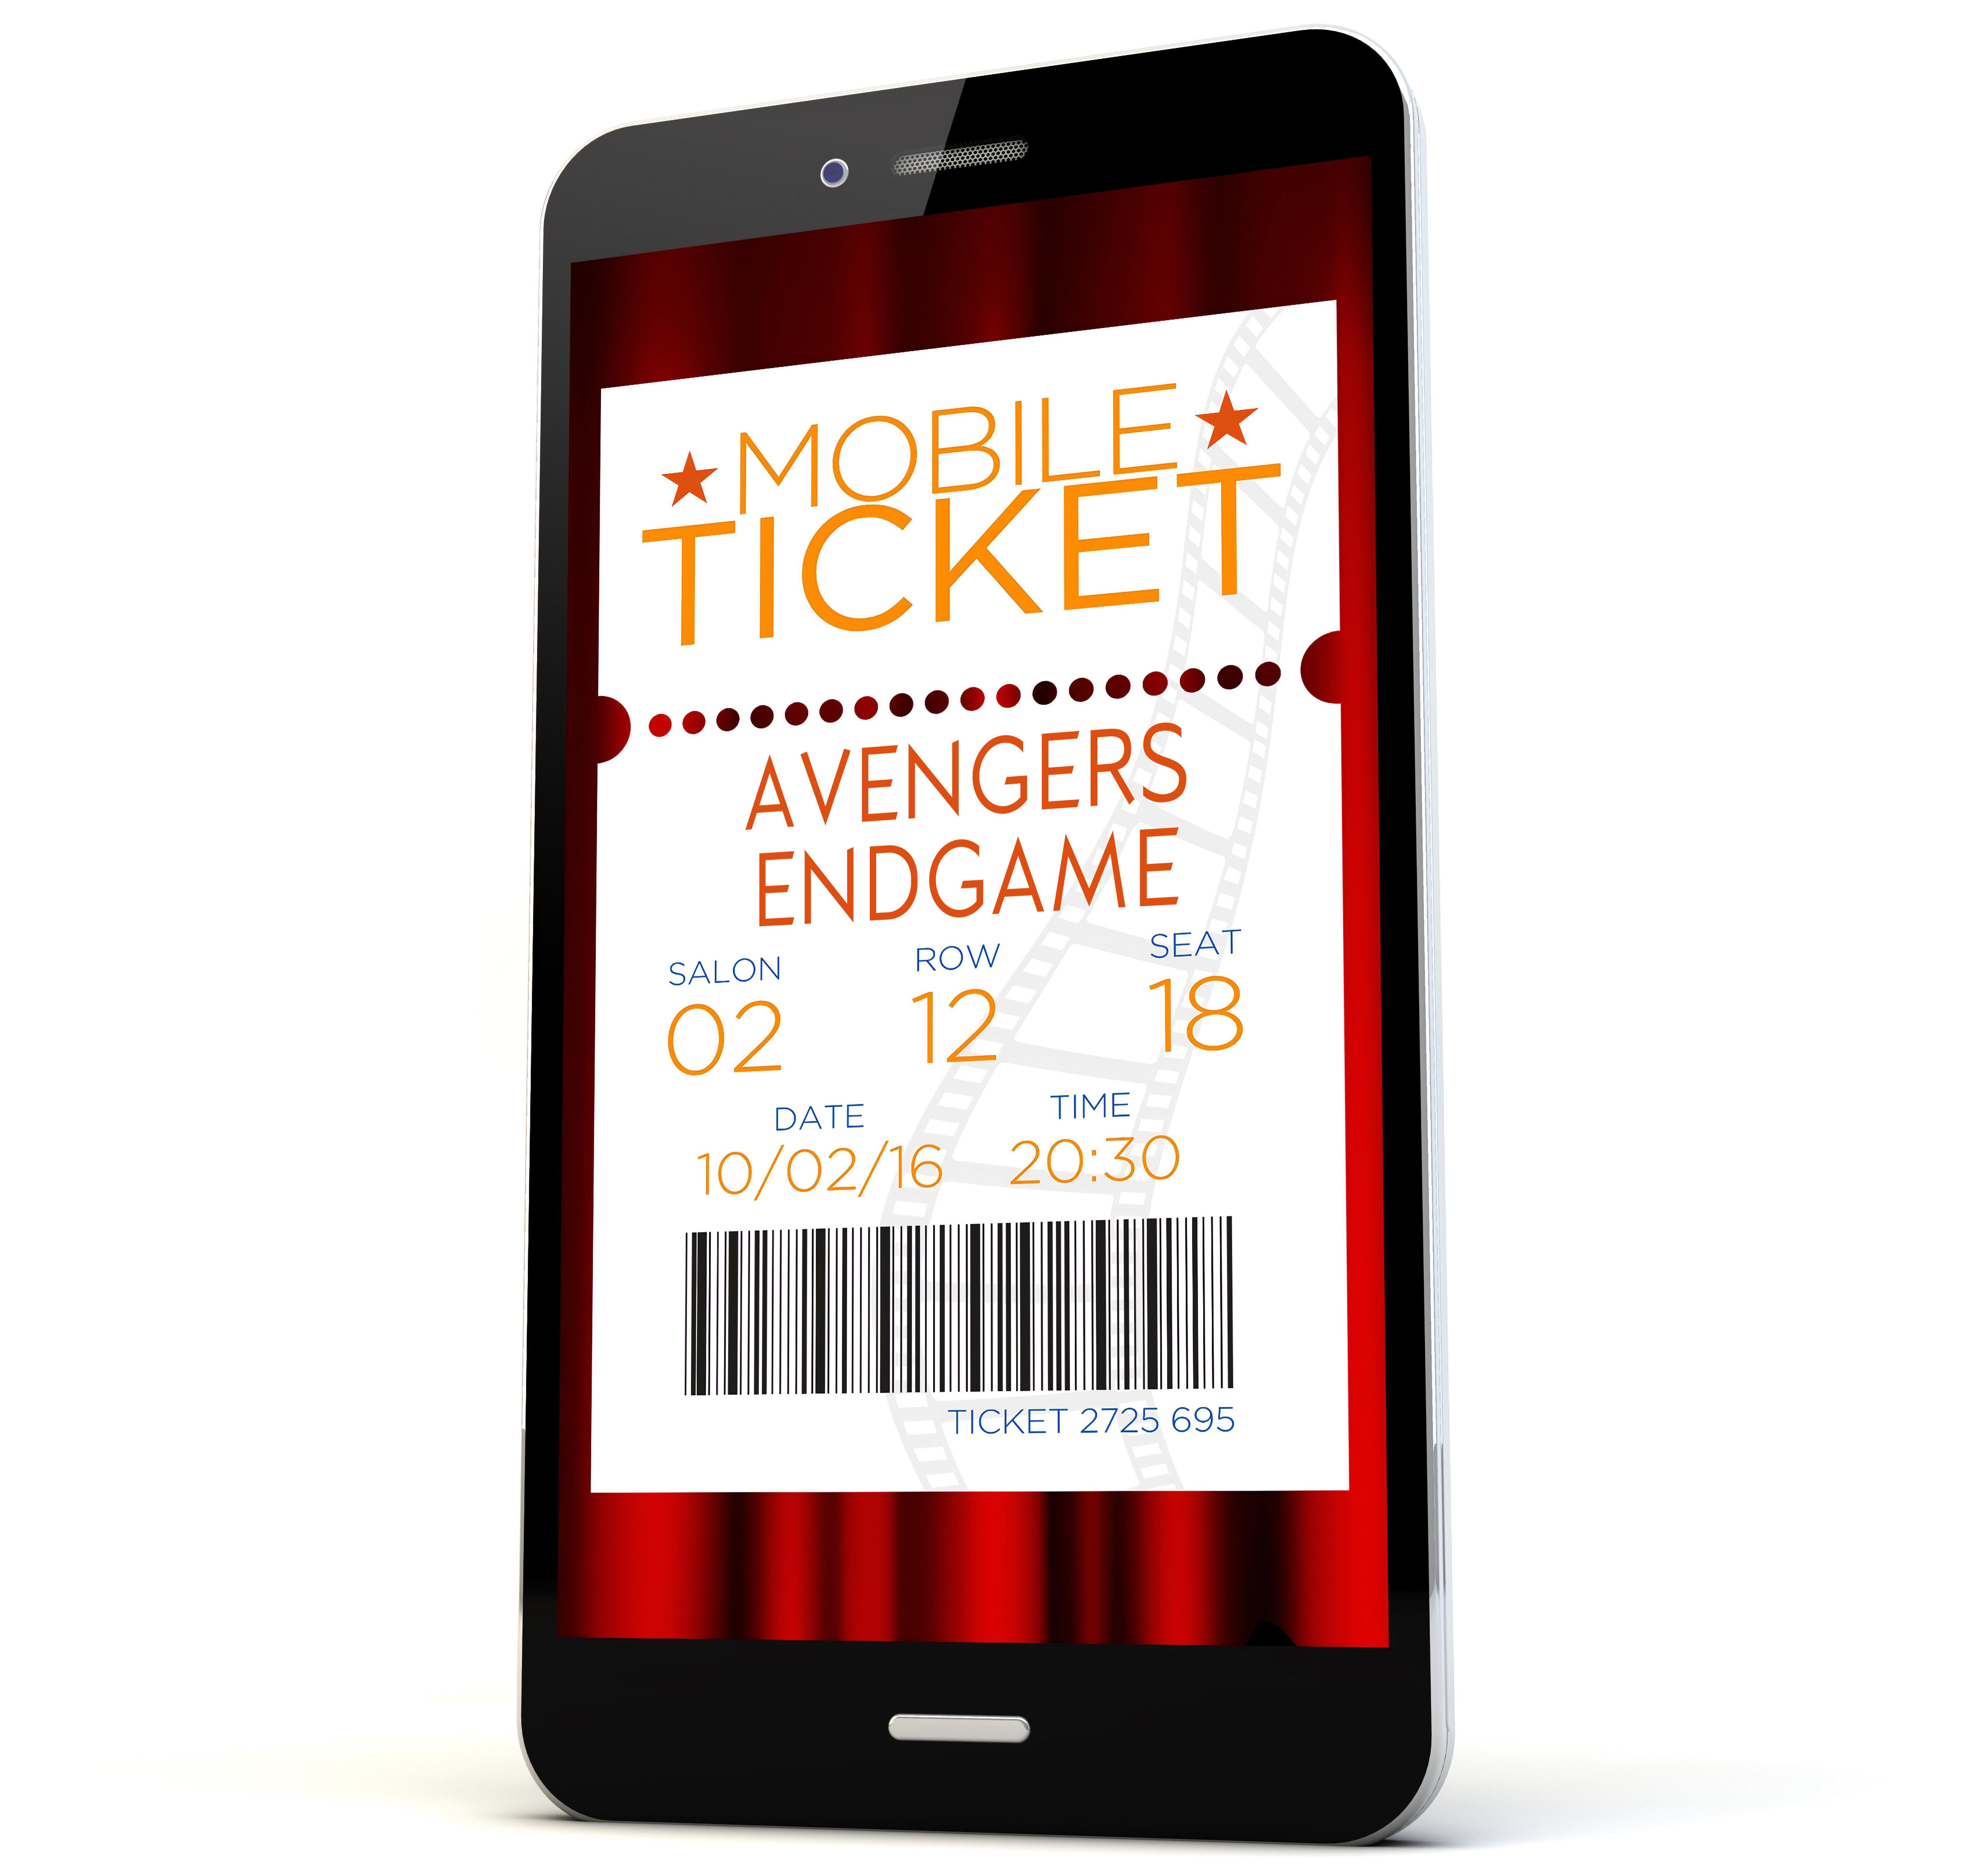 Mobile Ticket for Avengers Endgame